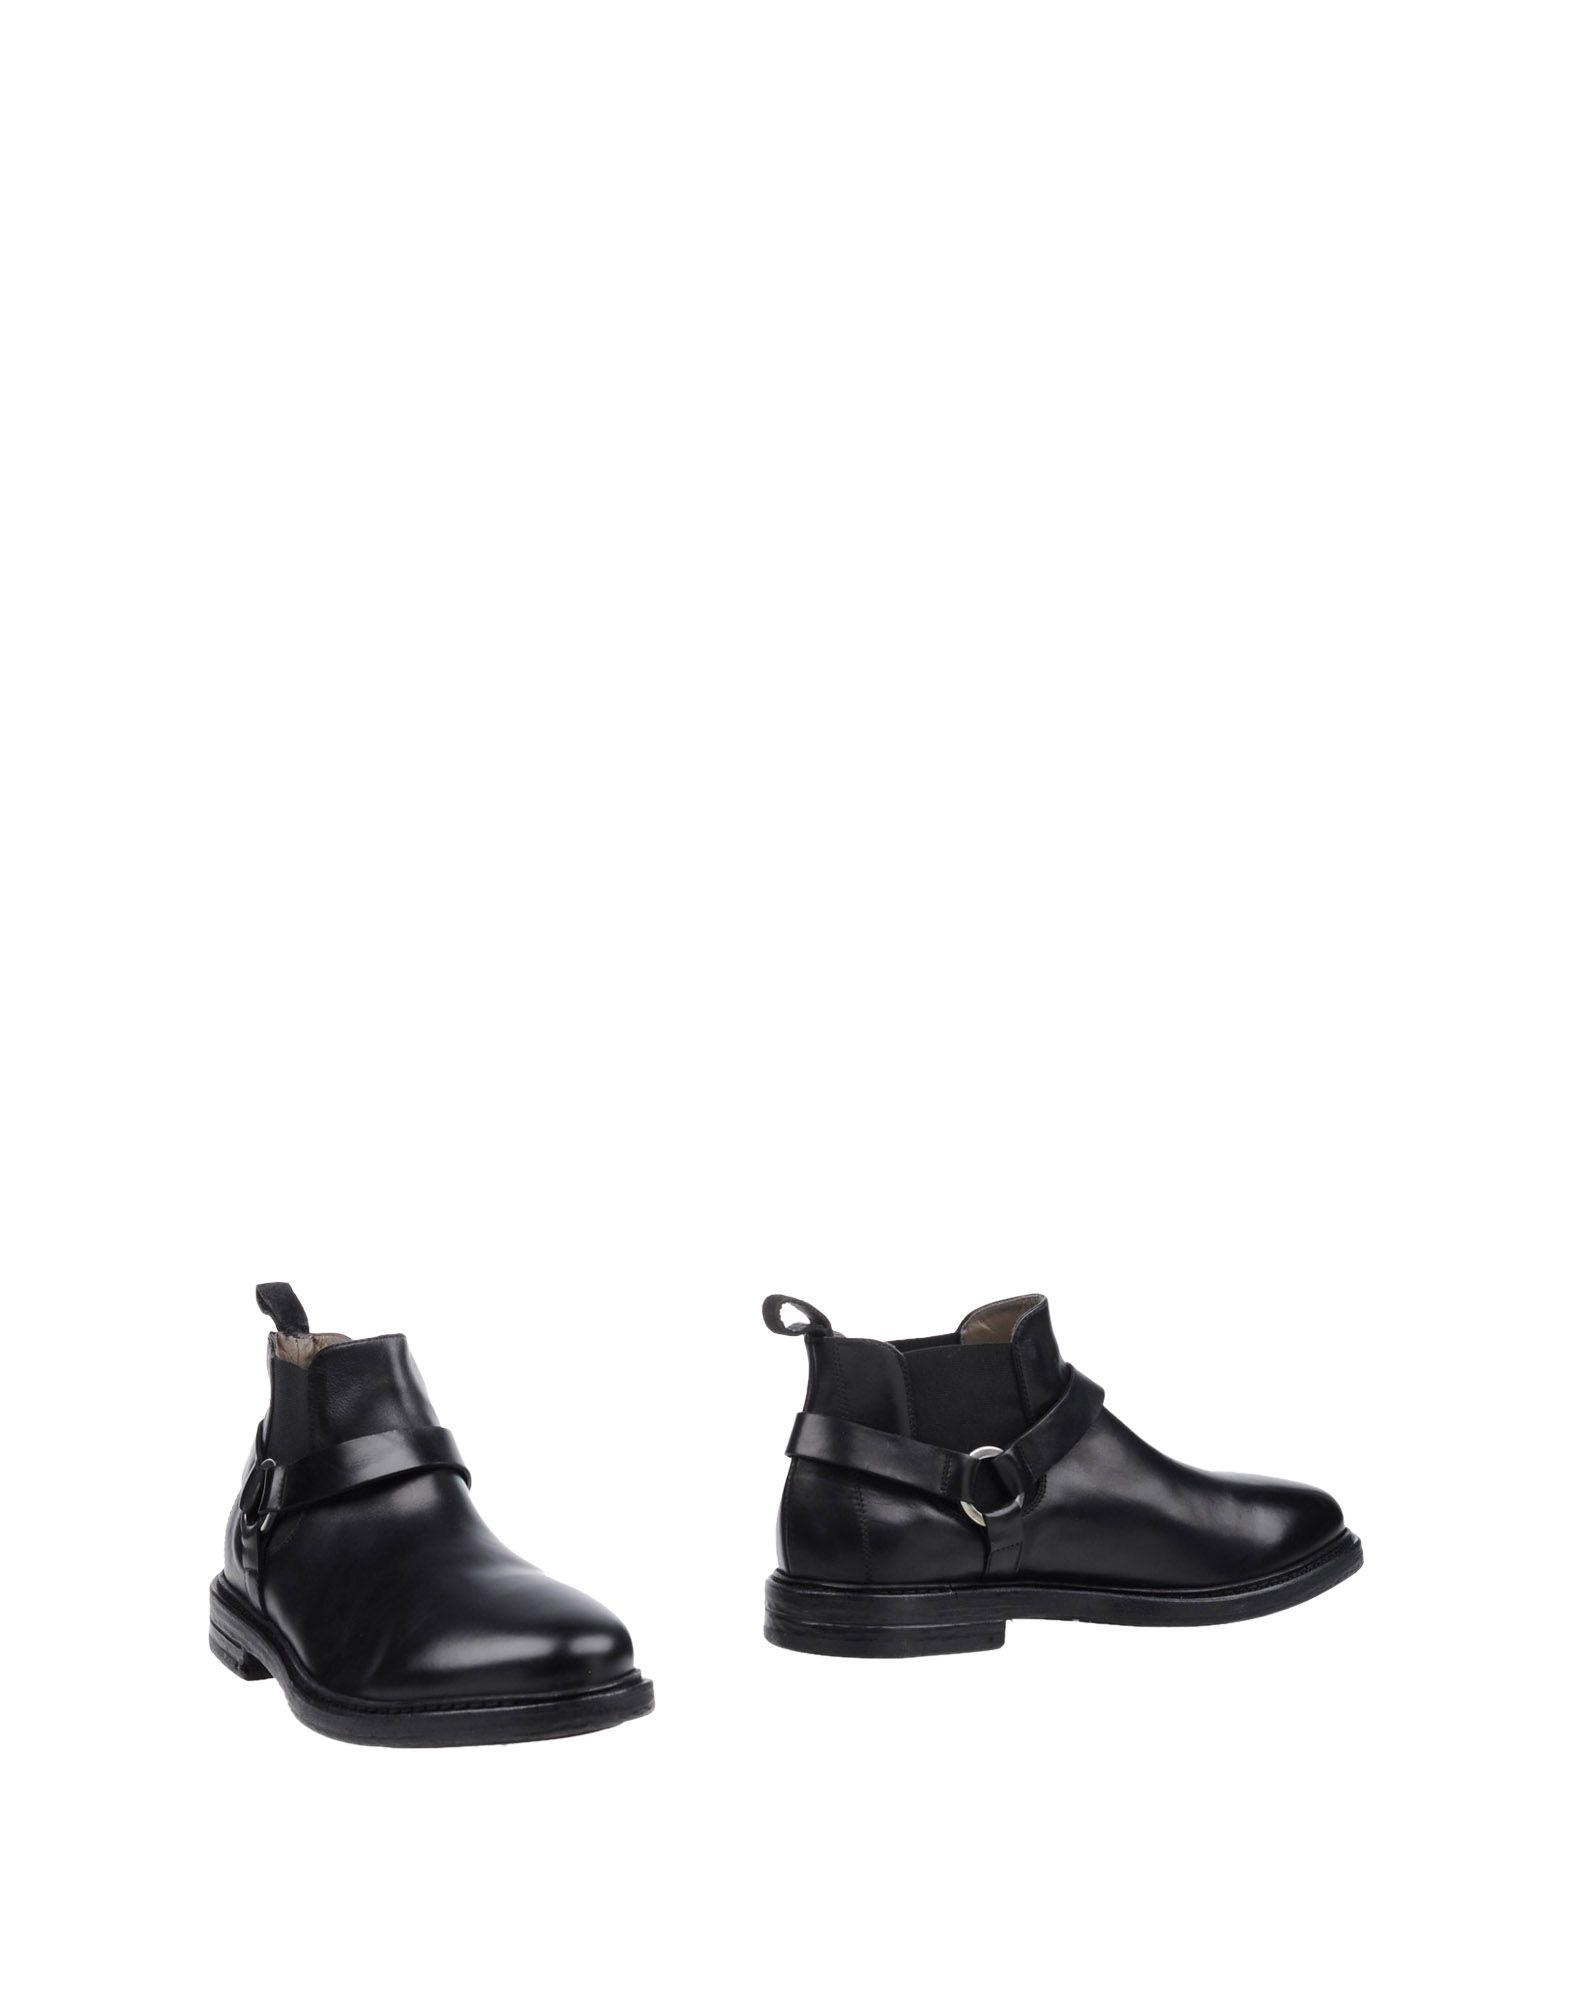 Corvari Stiefelette Herren  11364955FN Gute Qualität beliebte Schuhe